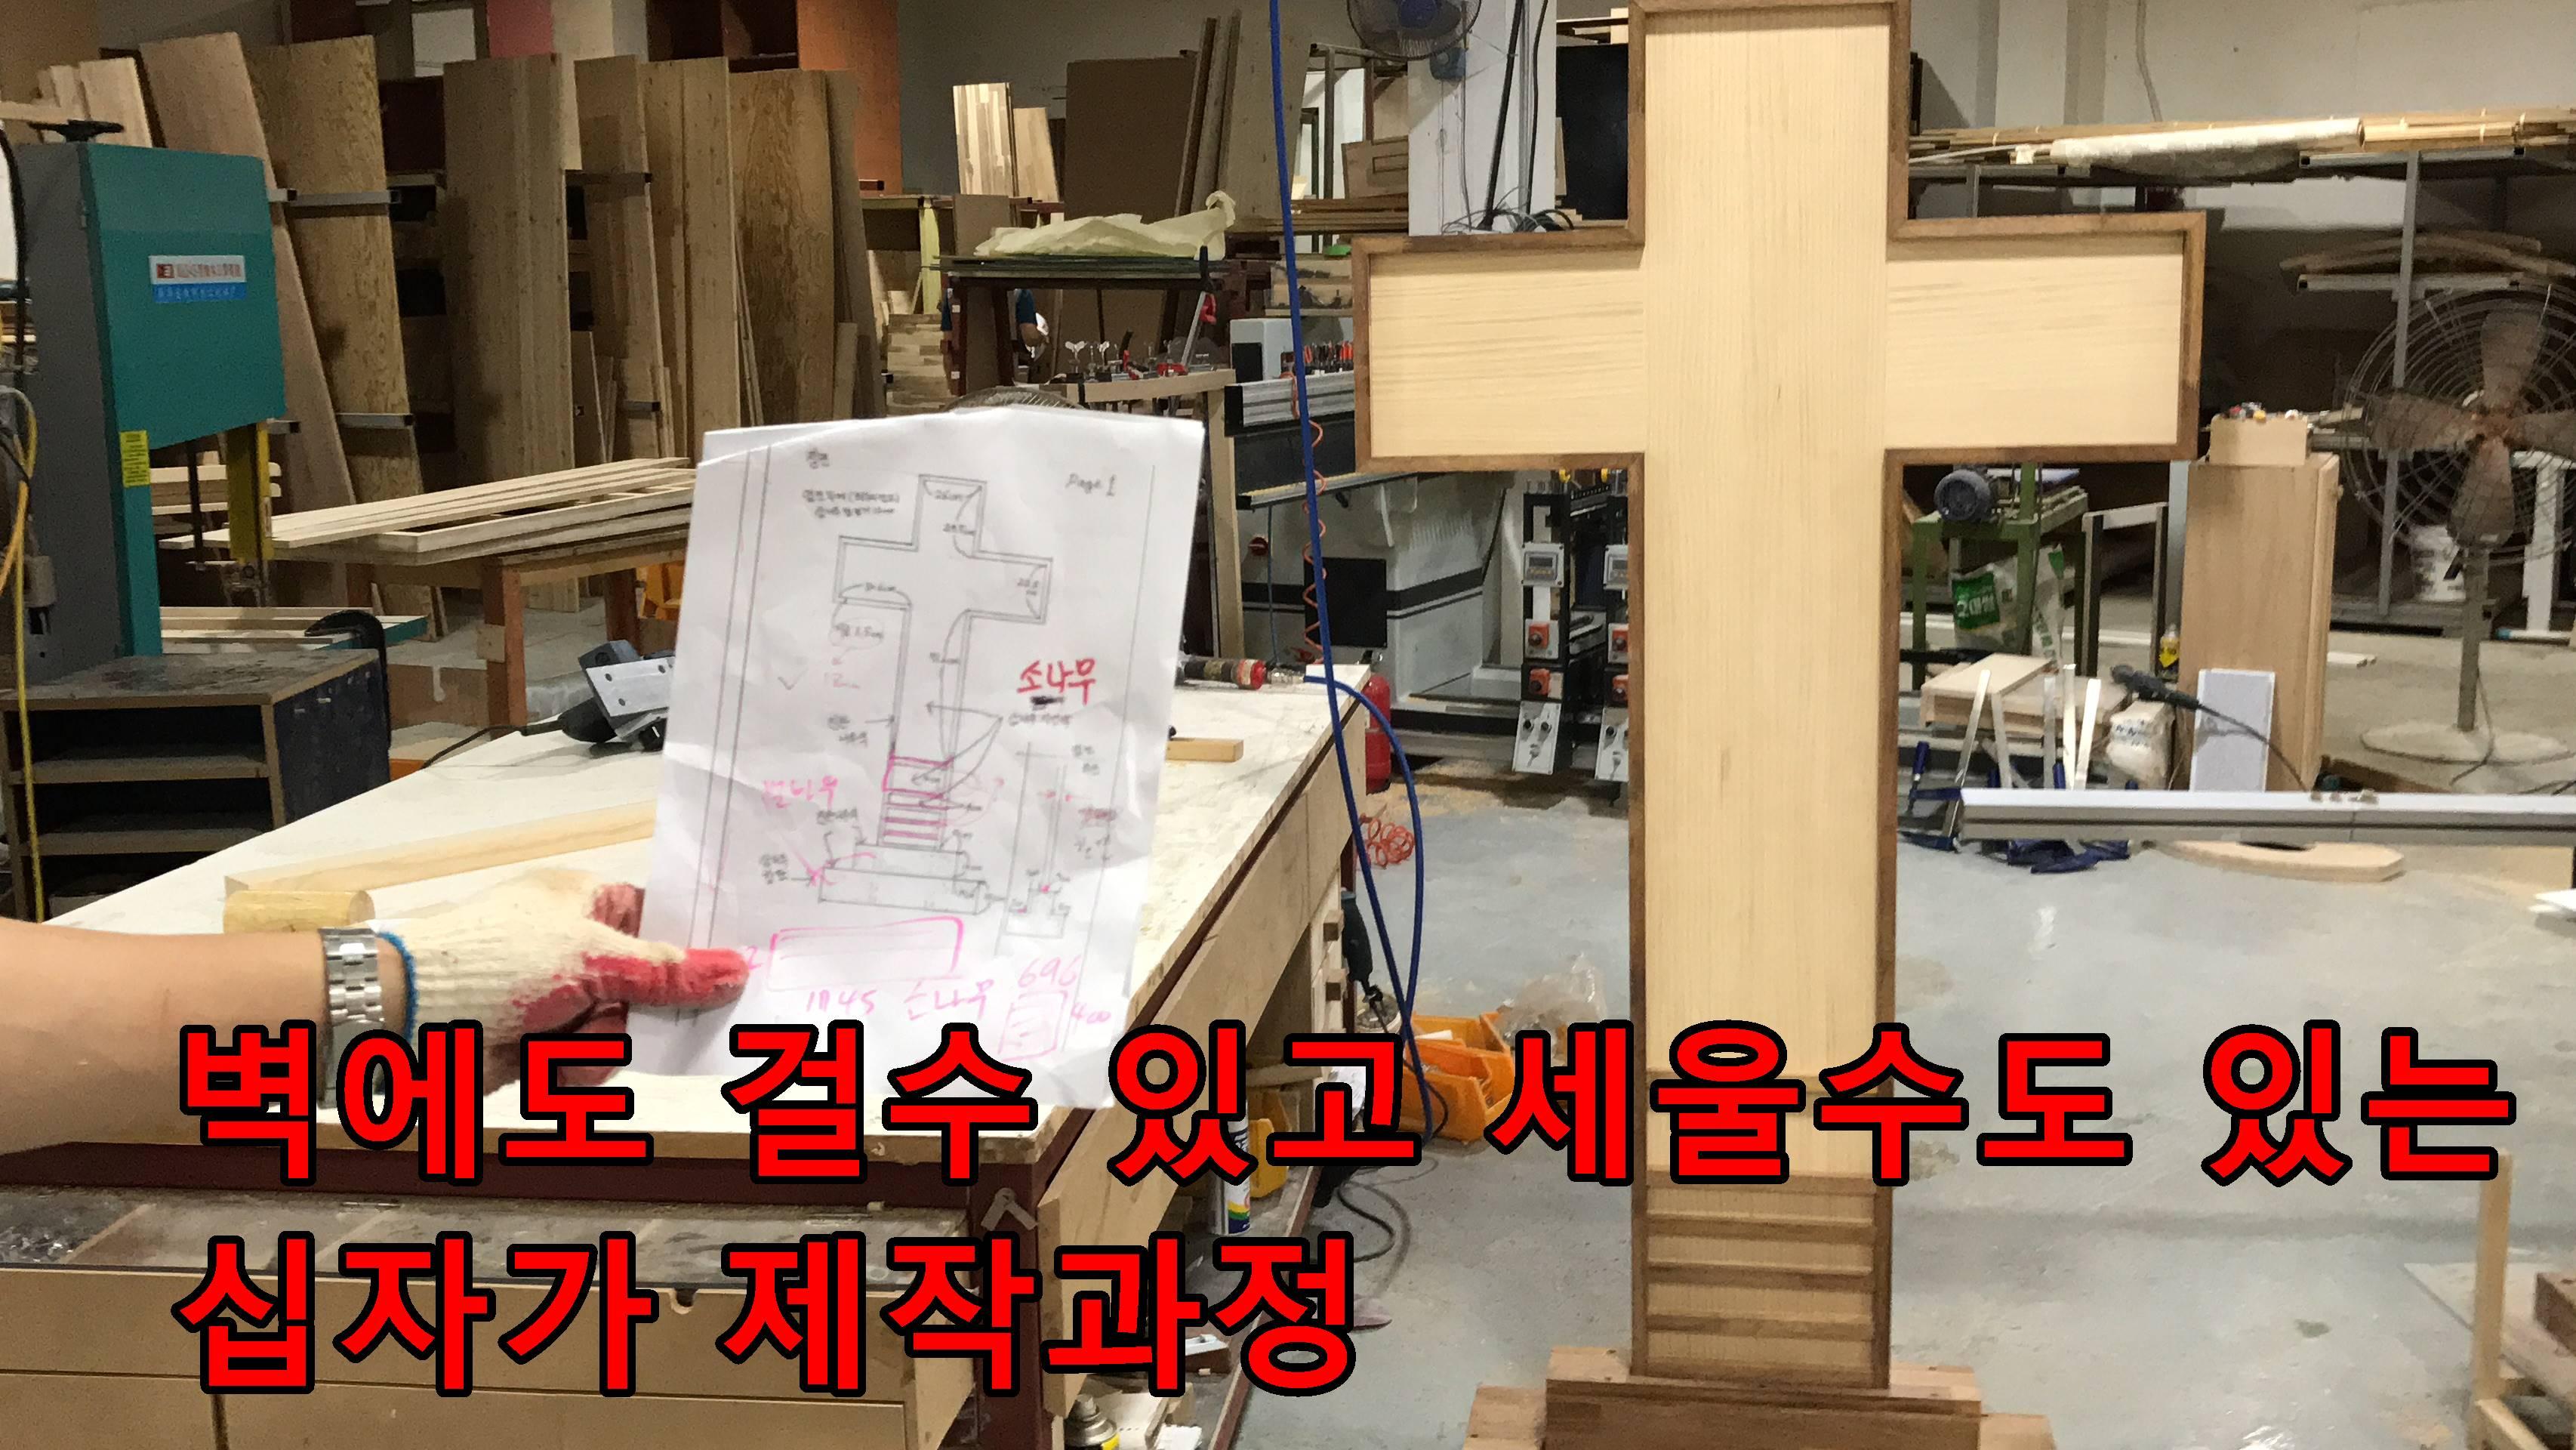 이름으로 채우는 착탈식십자가 제작과정